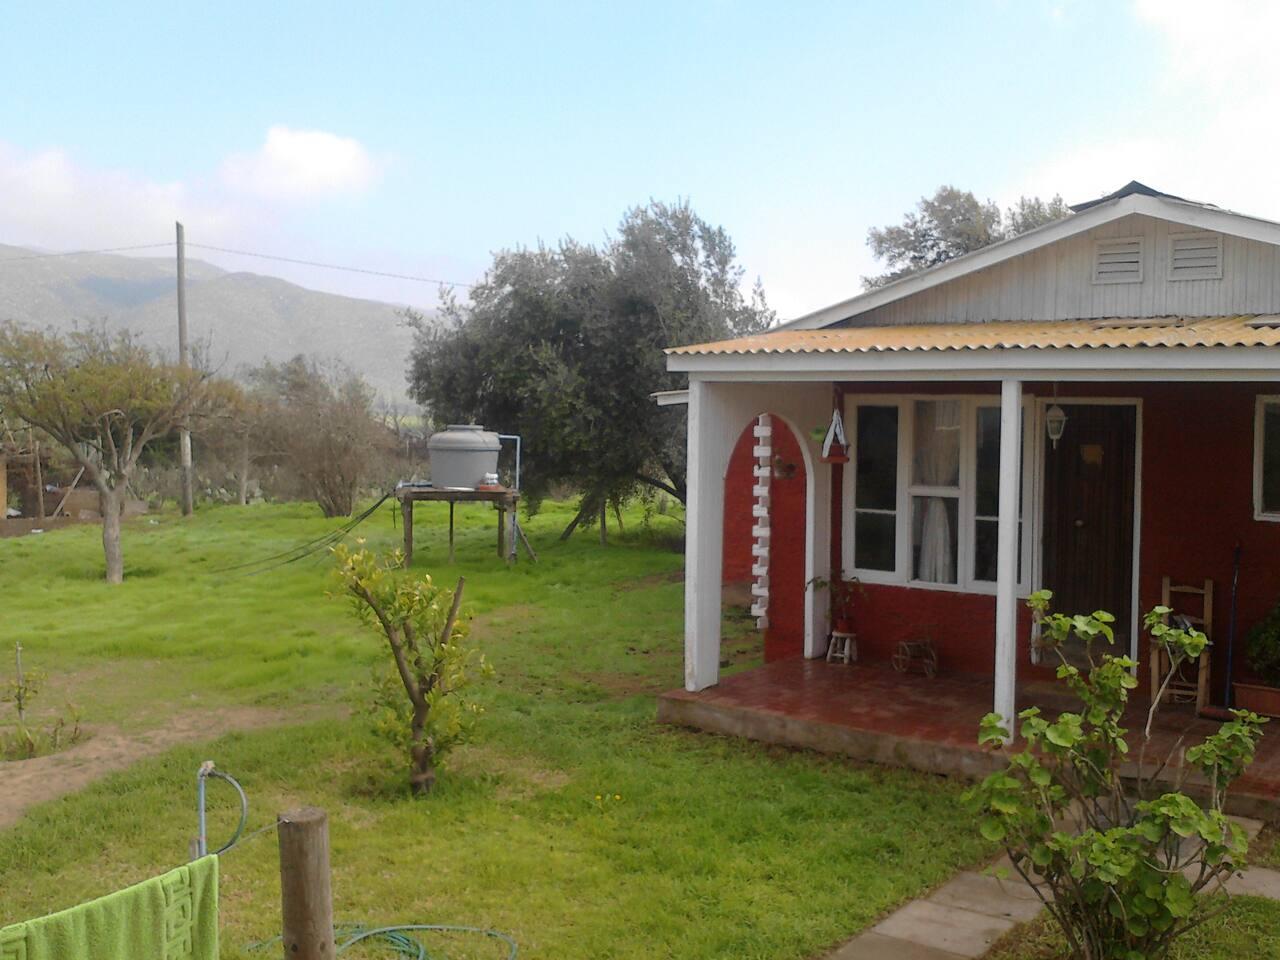 en esta foto se puede observar un poco de la casa y el terreno